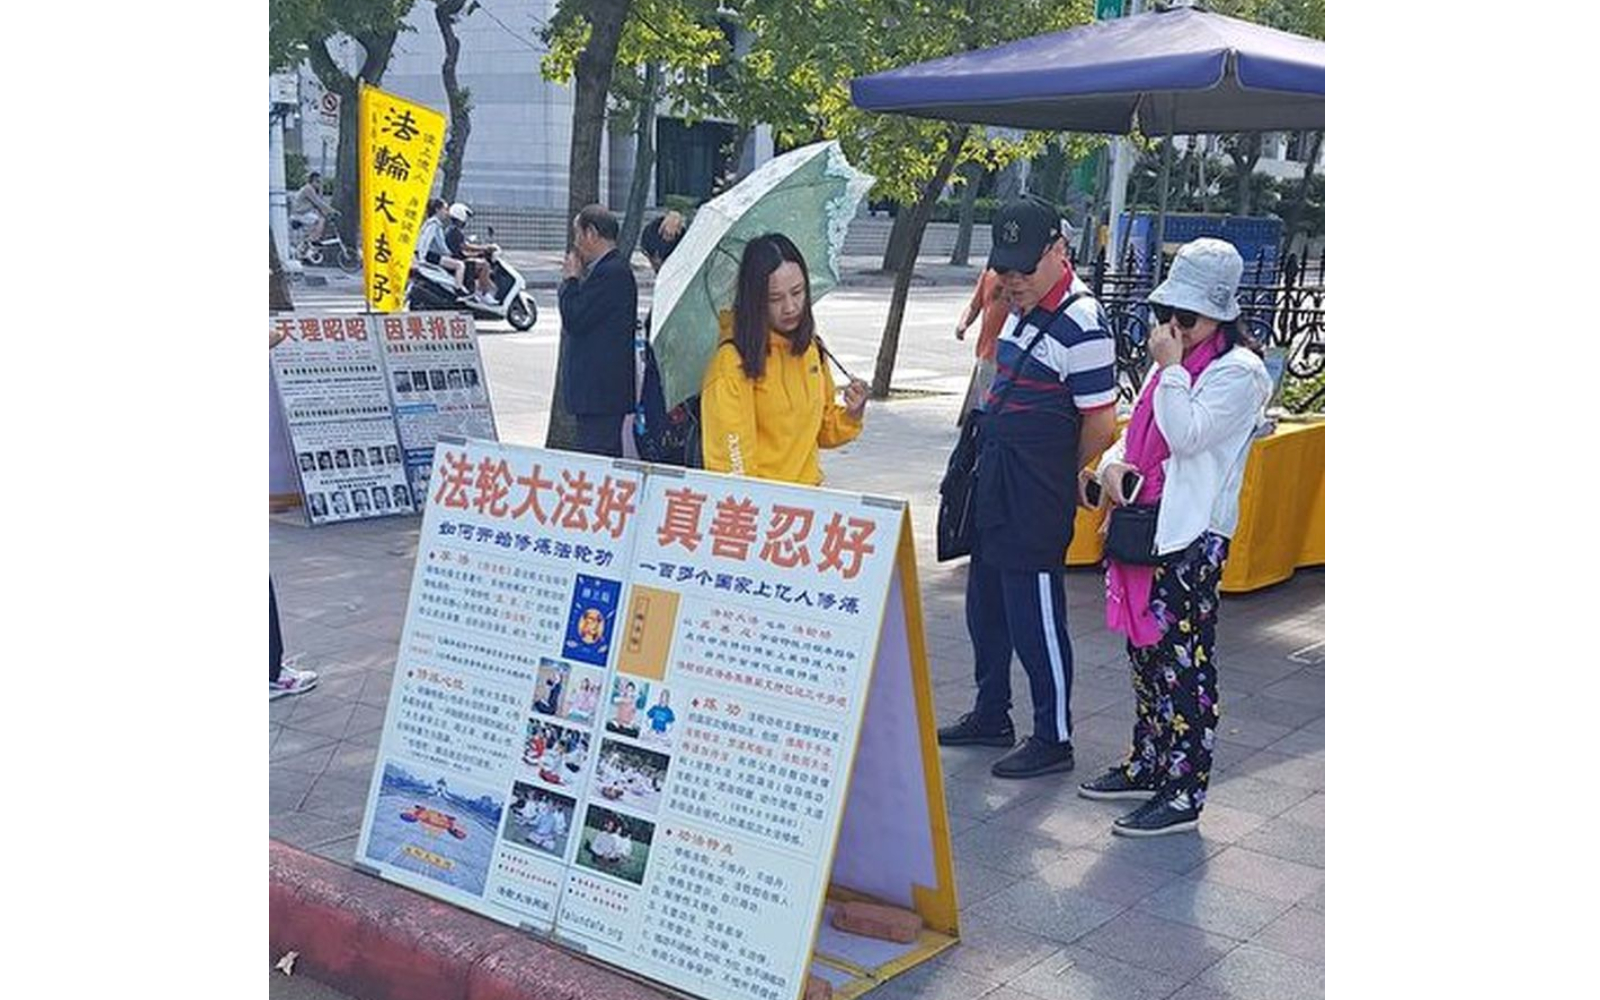 國父紀念館前 台灣導遊助大陸遊客退出中共